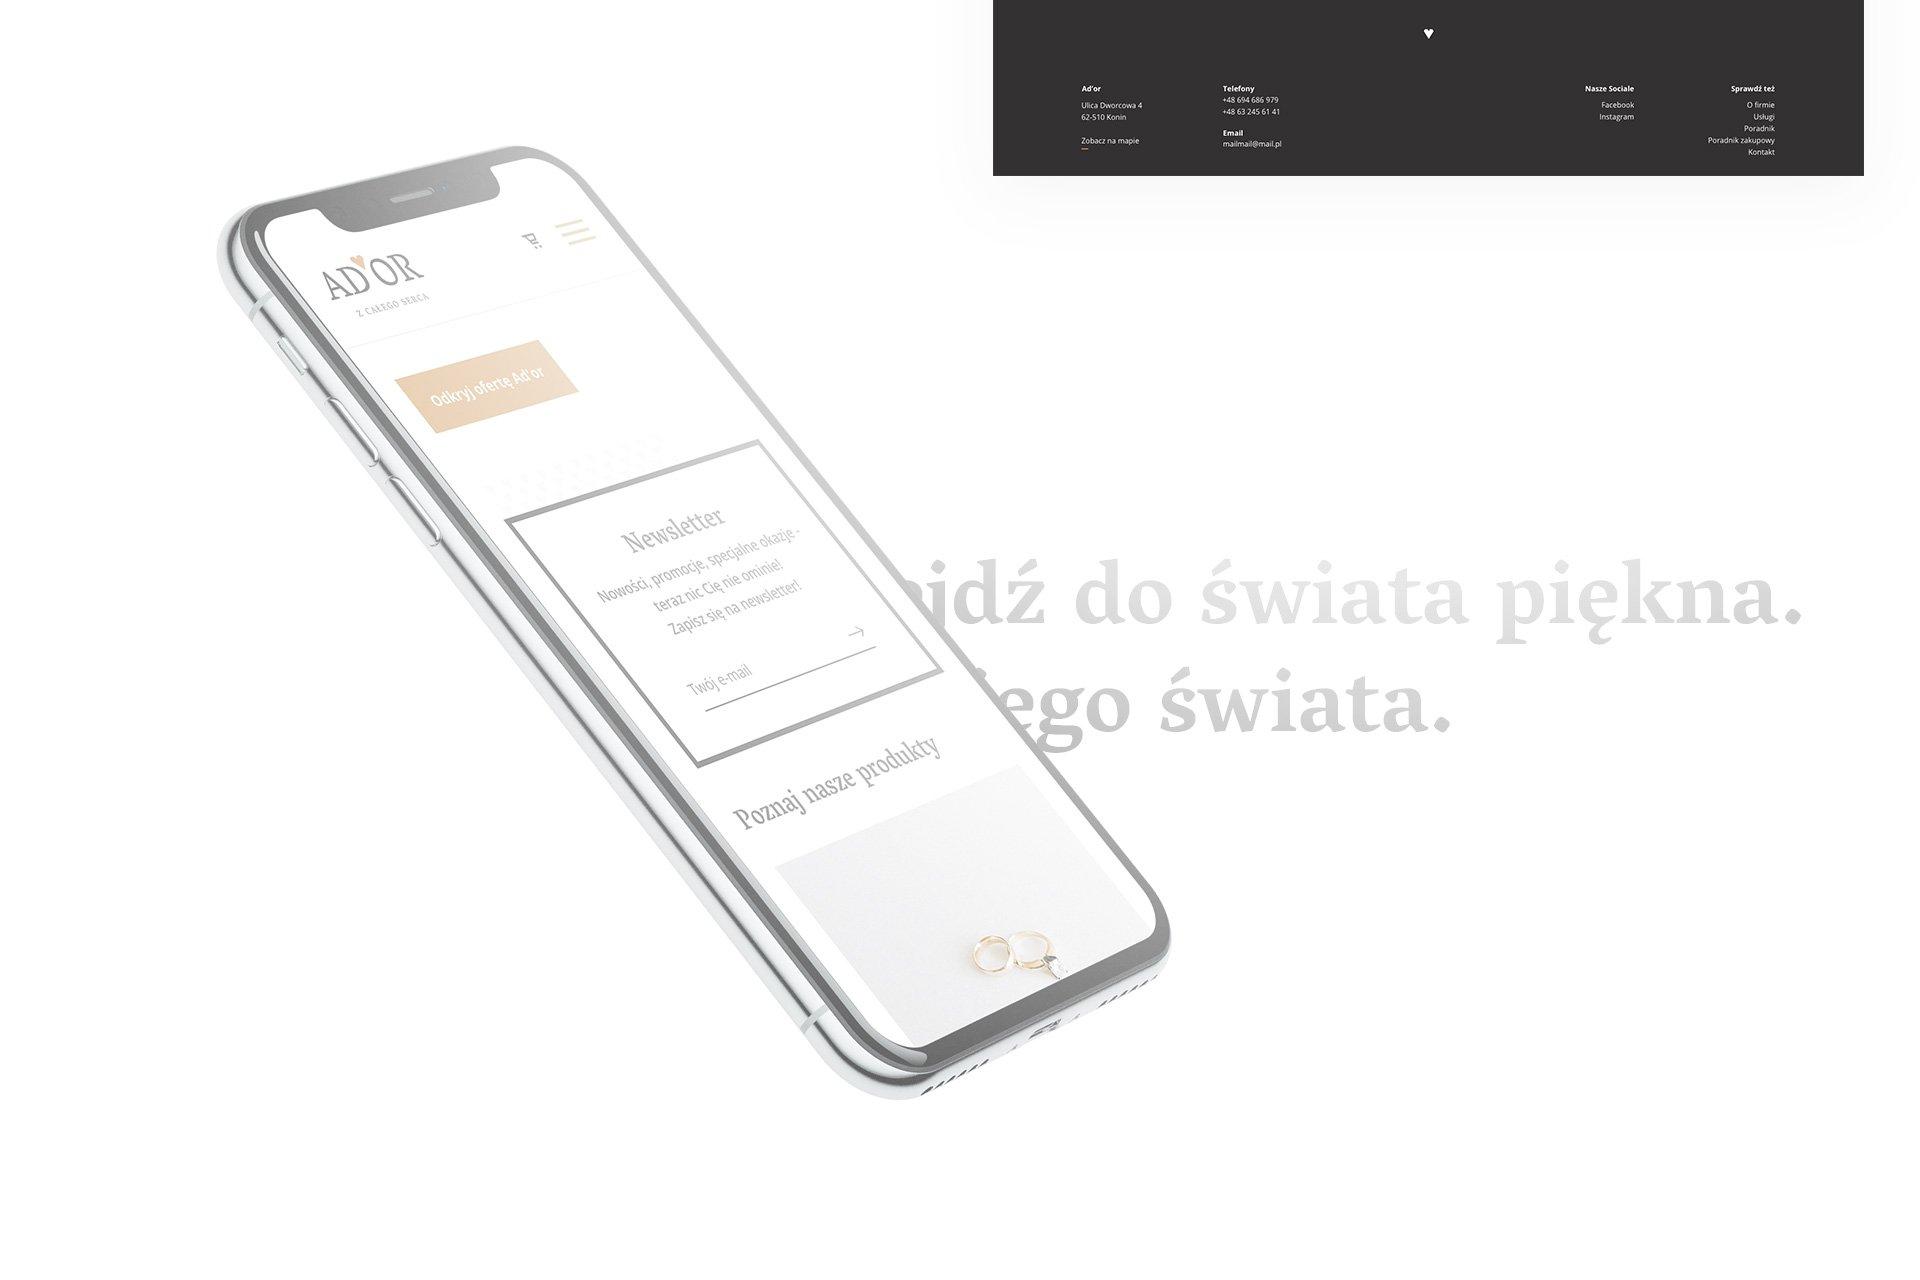 sklepy internetowe projektowanie